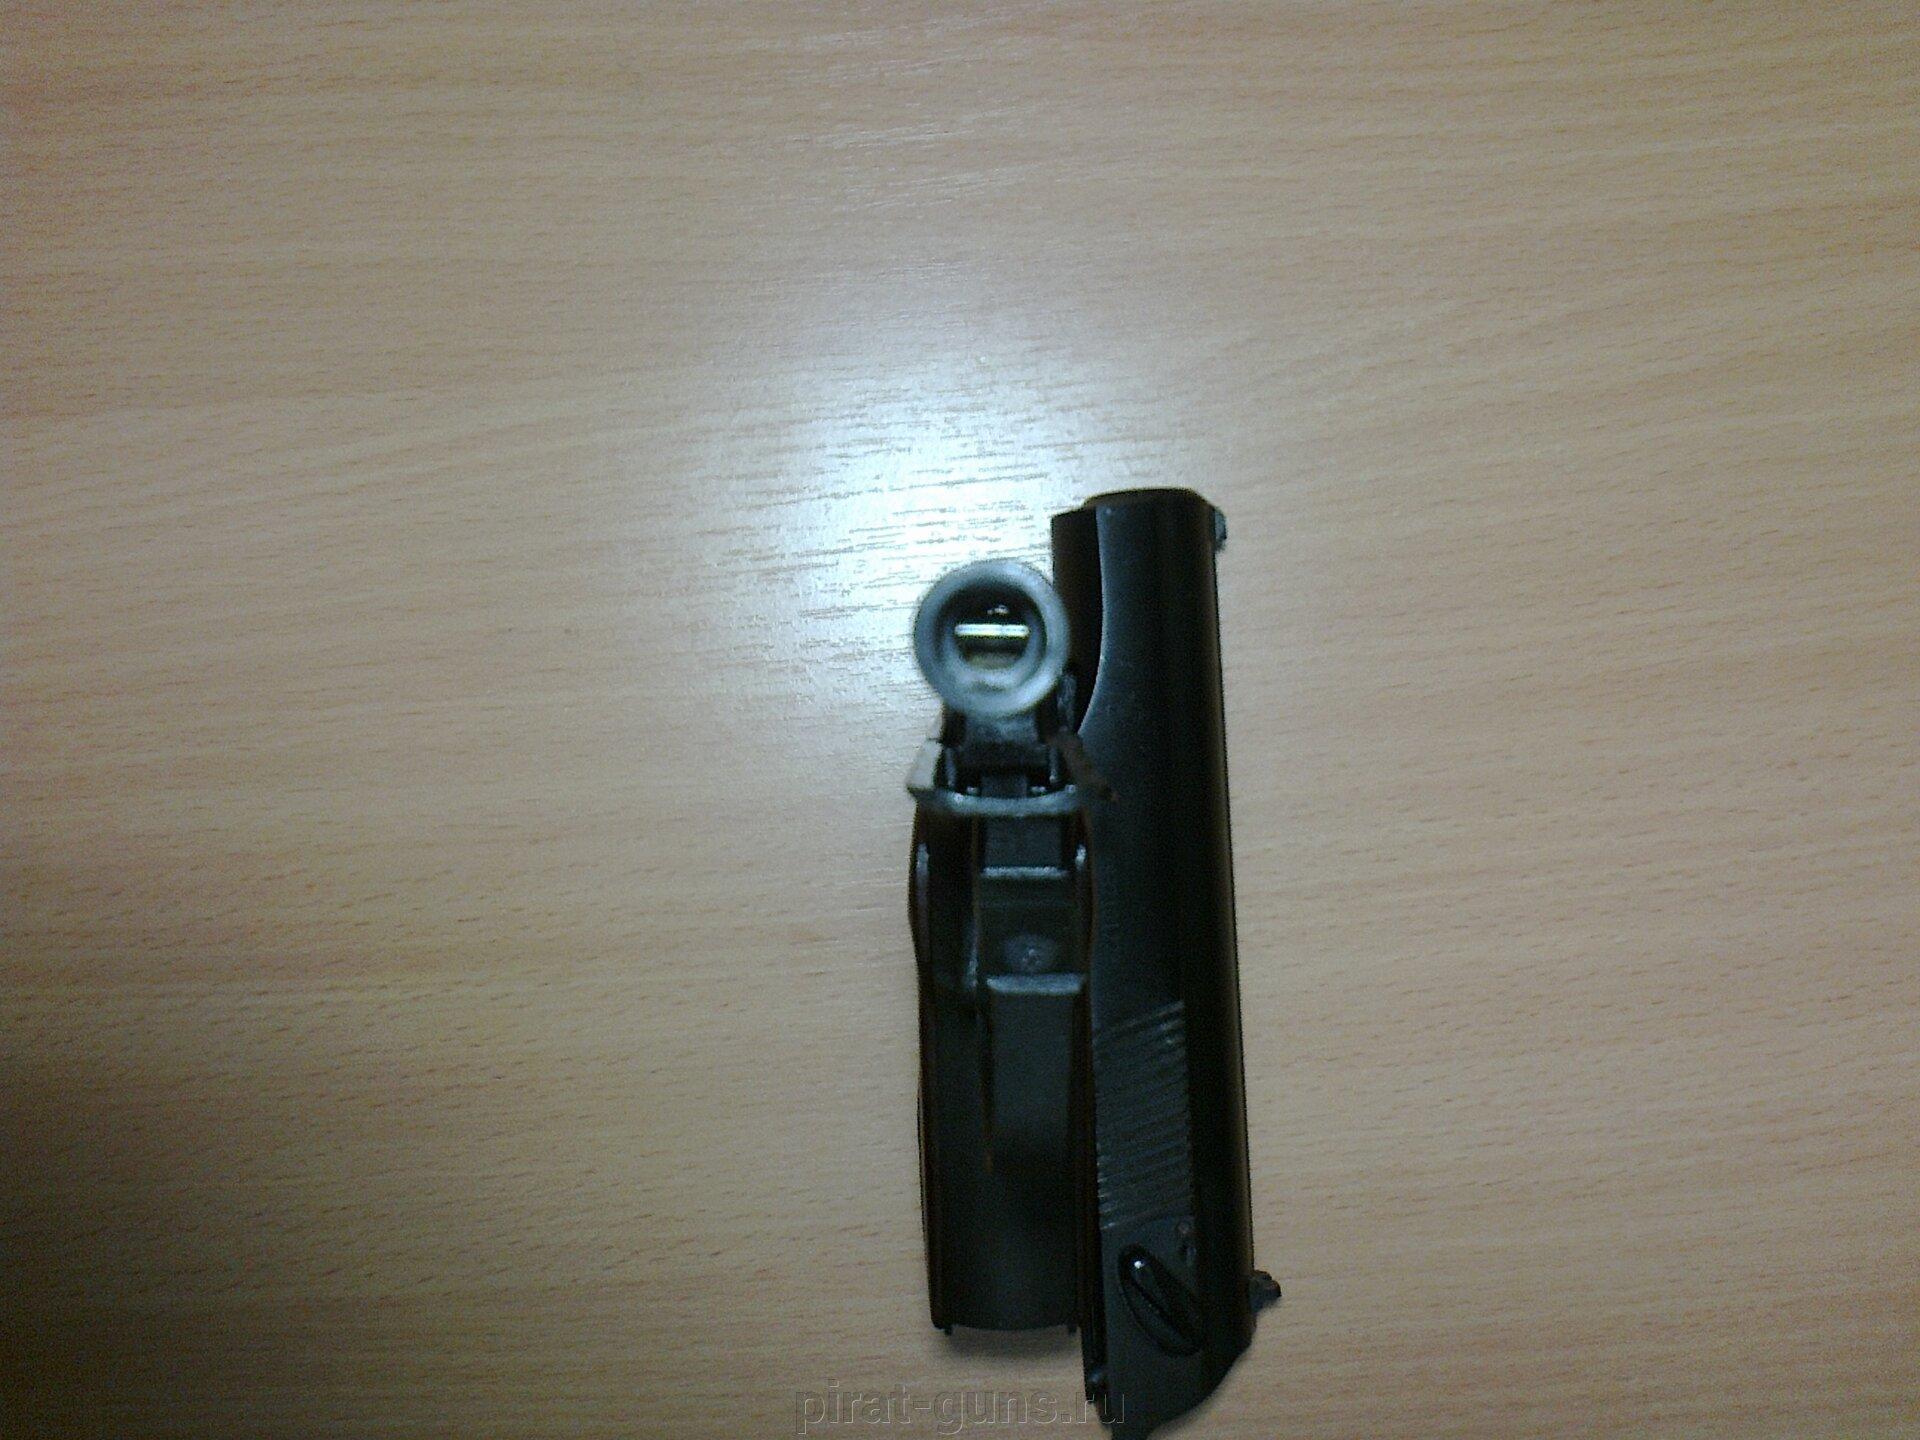 Охолощенный пистолет Макаров СО новый деактив - фото pic_bb4ef4387822d7f988d2ac48ed909a5c_1920x9000_1.jpg